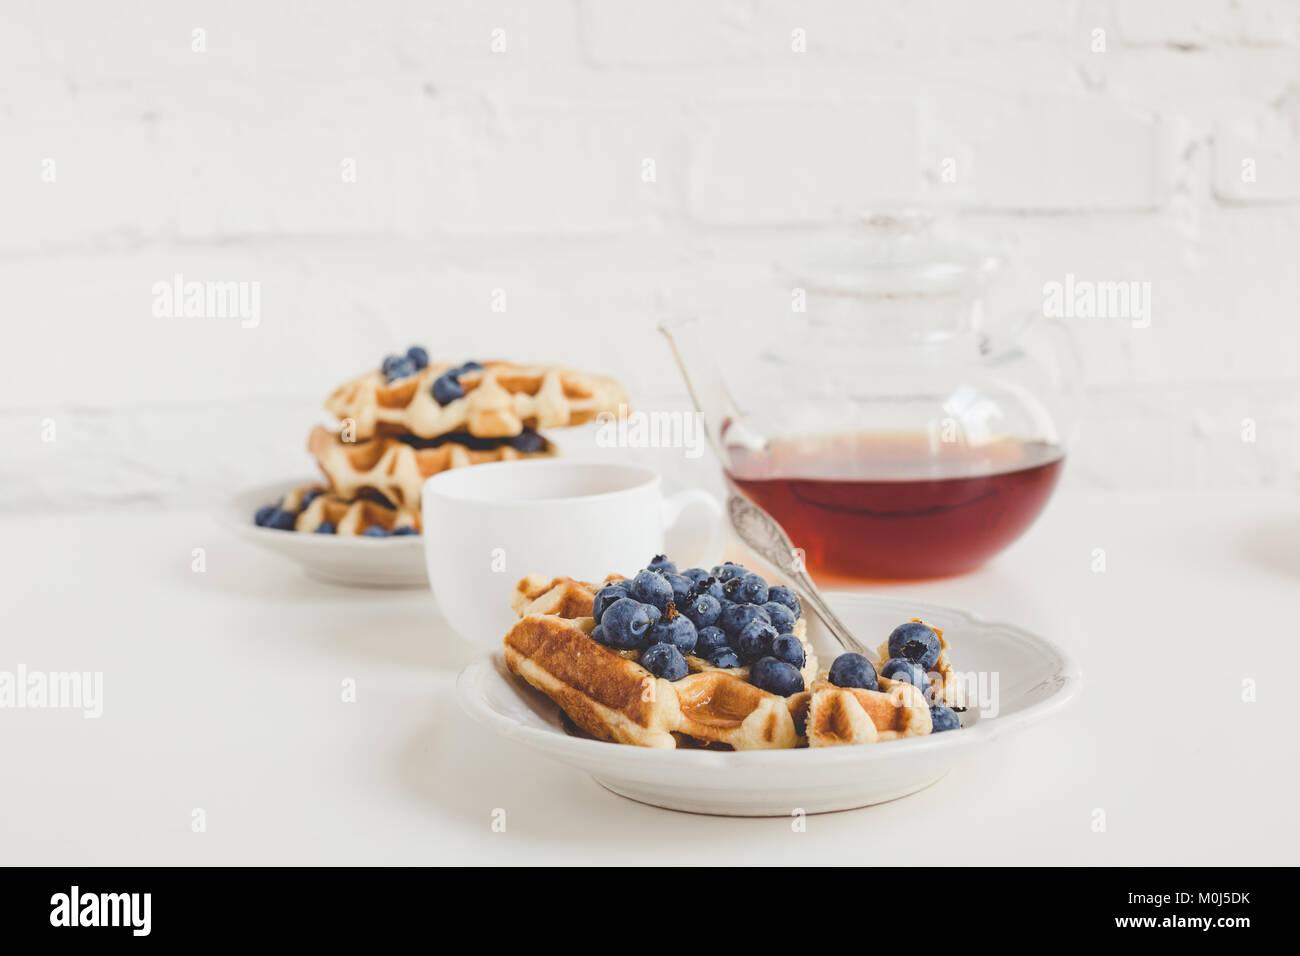 Délicieux petit-déjeuner composé de gaufres aux bleuets et plateau Photo Stock